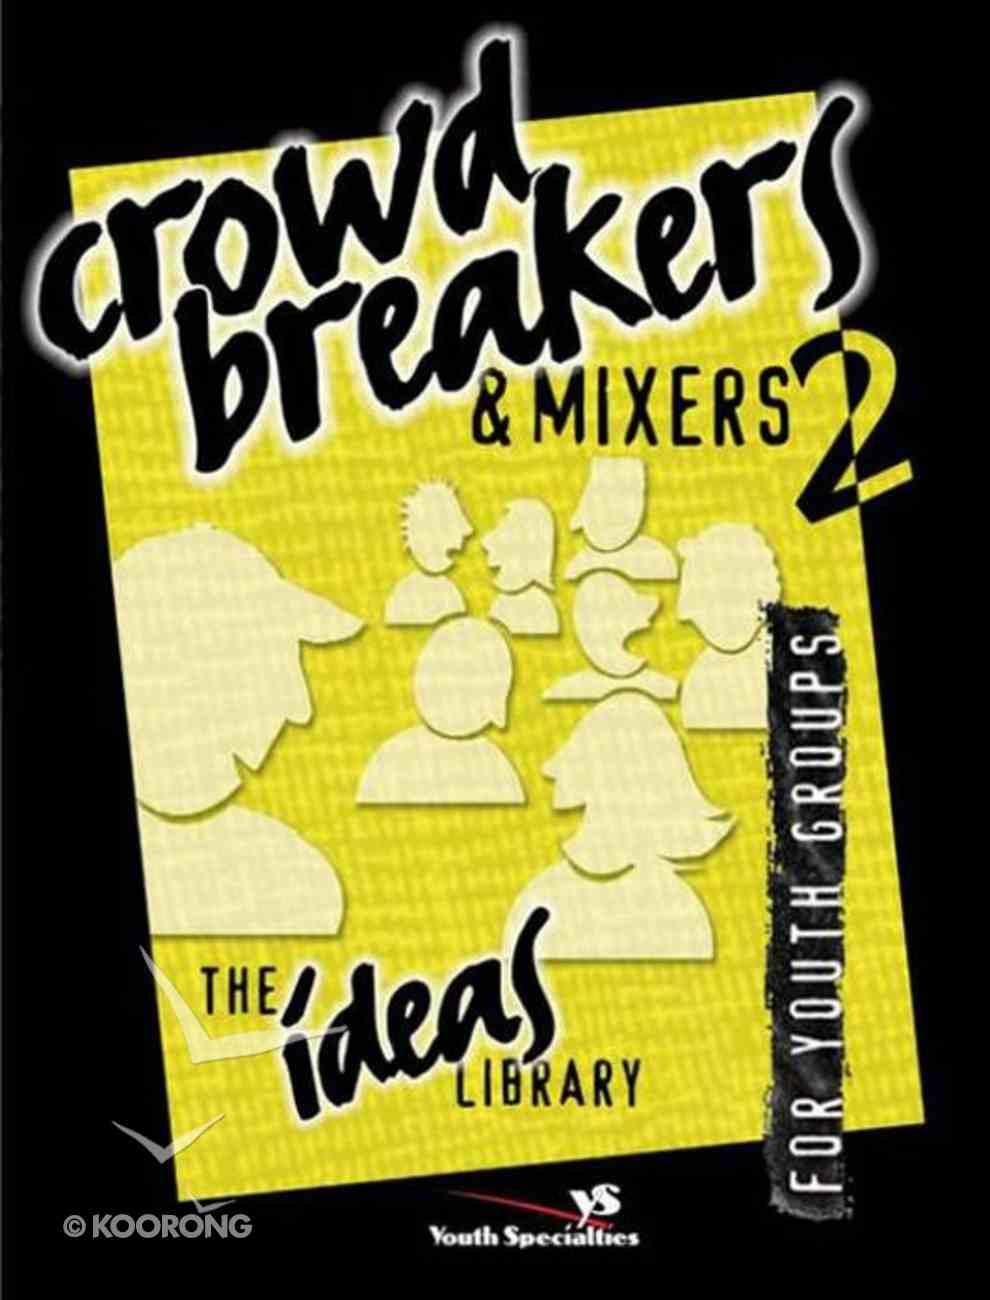 Ideas Library: Crowd Breakers & Mixers 2 eBook